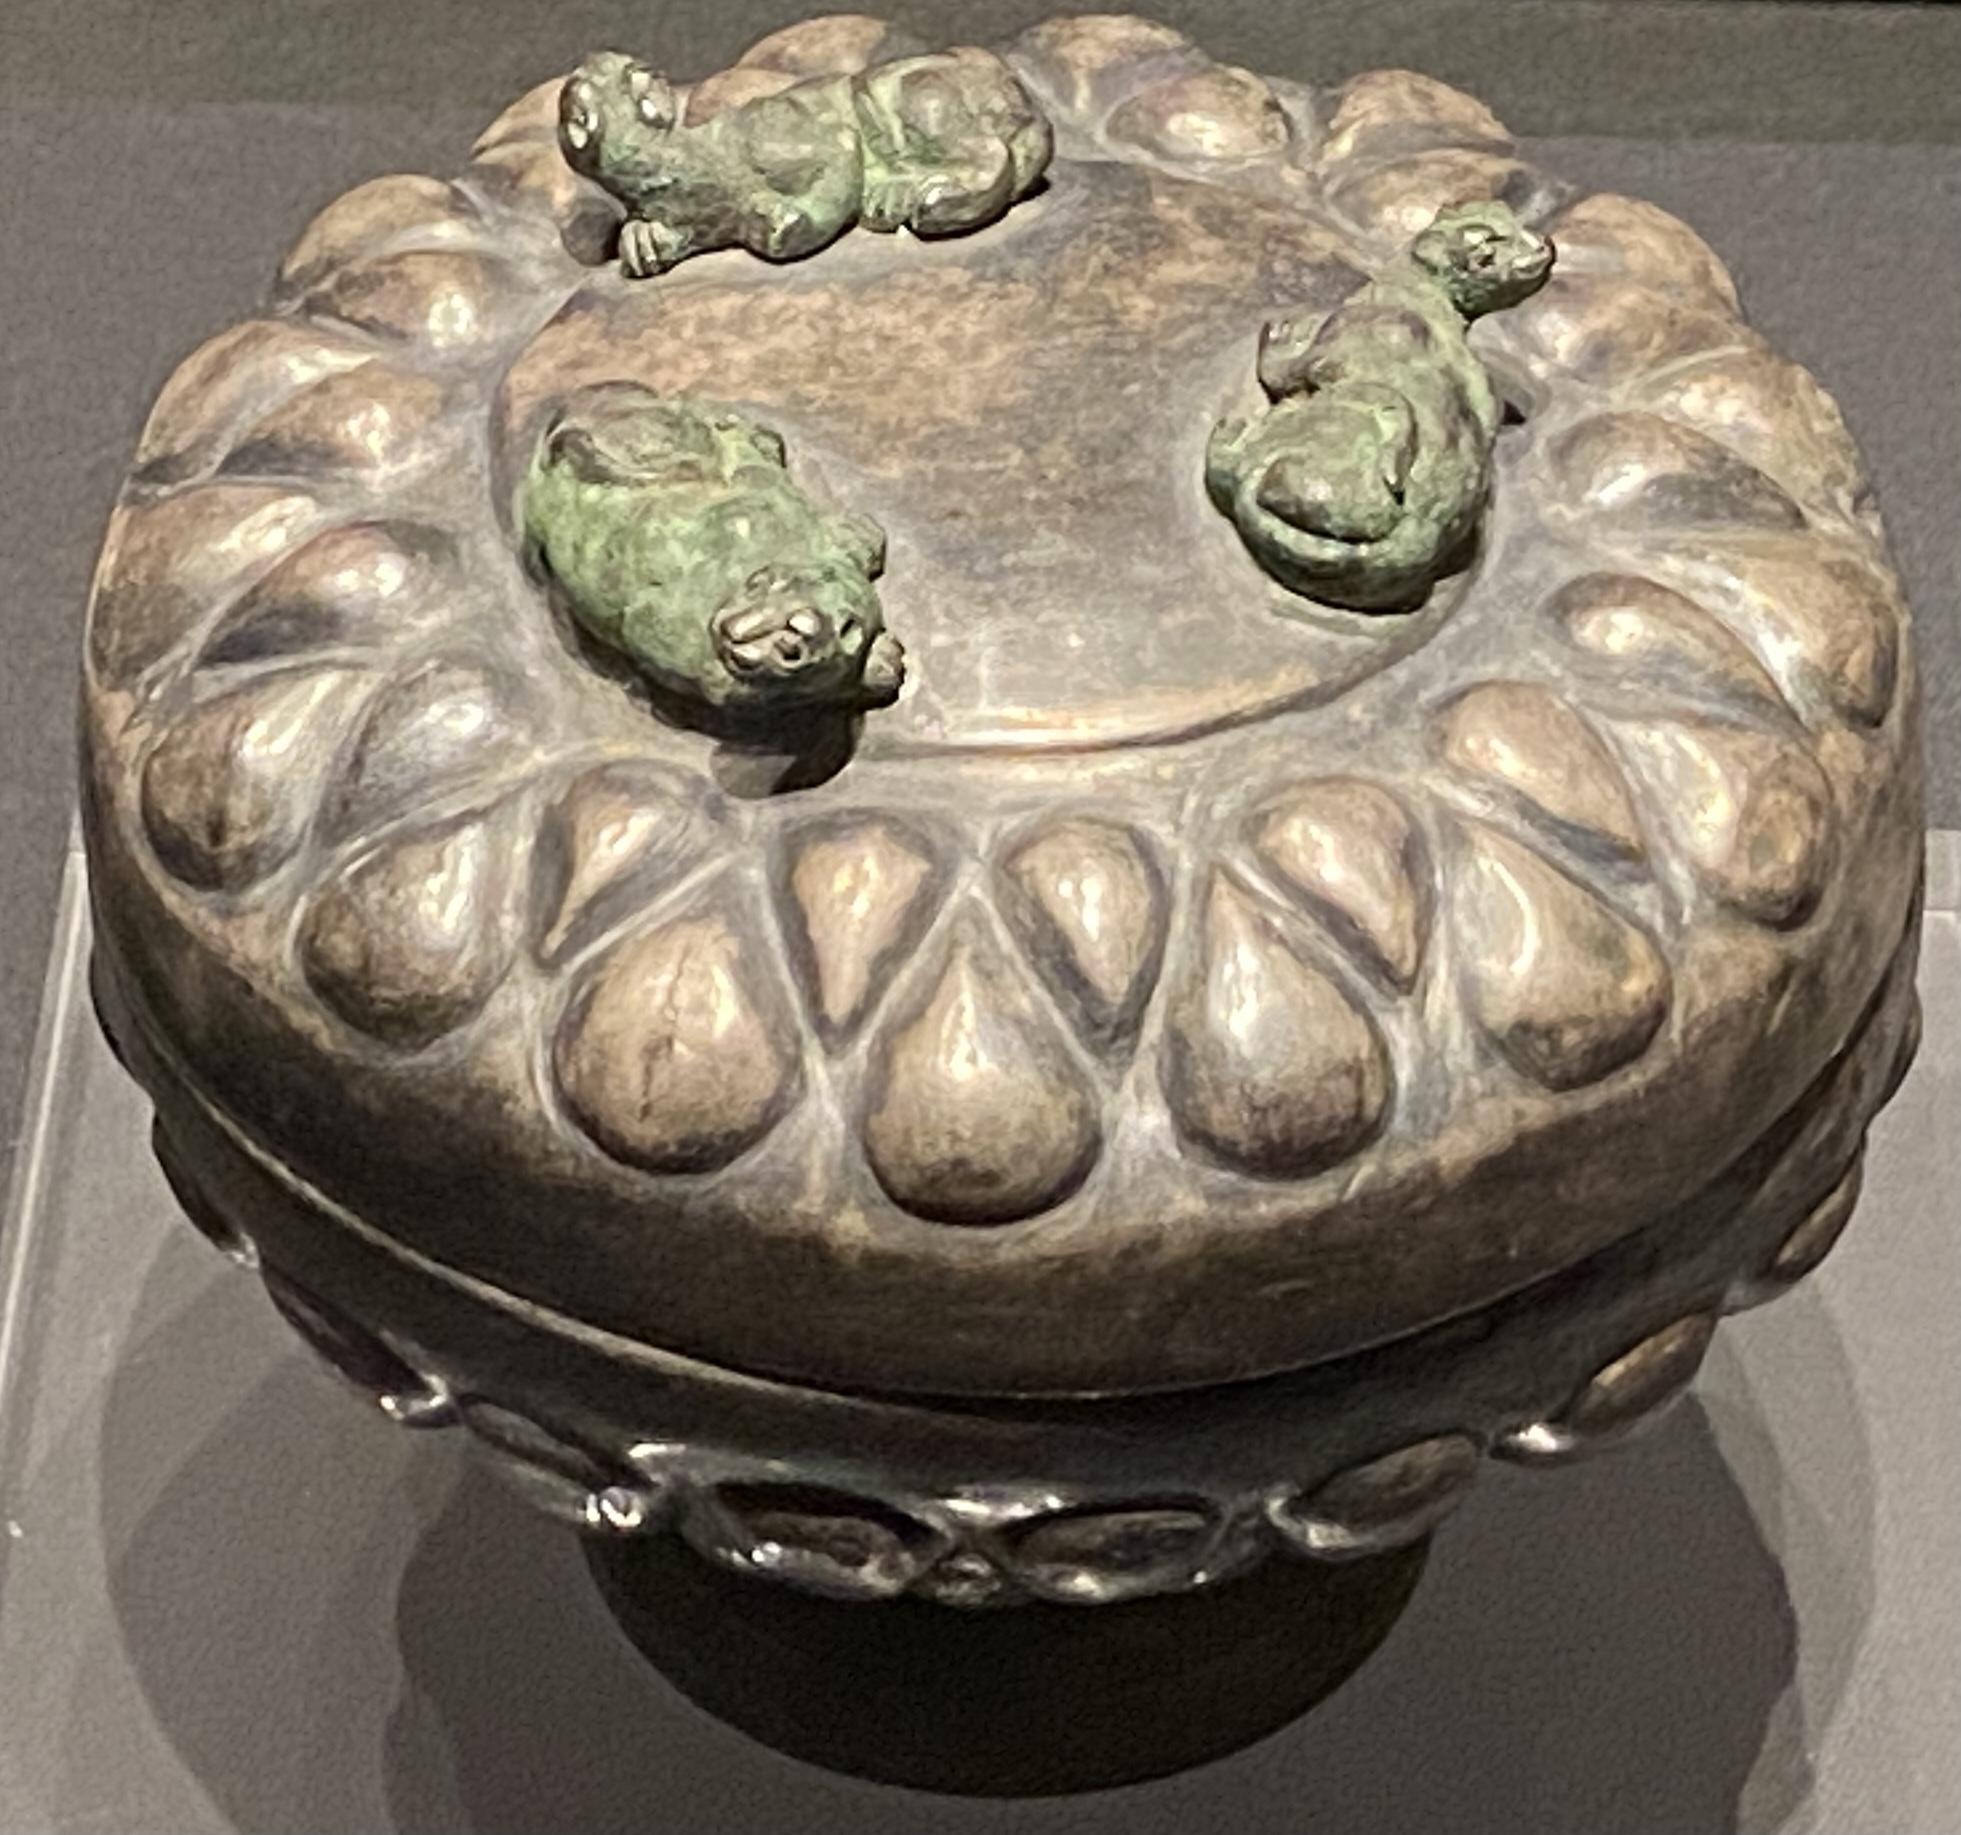 銀豆-【列備五都-秦漢時代の中国都市】-成都博物館-四川成都